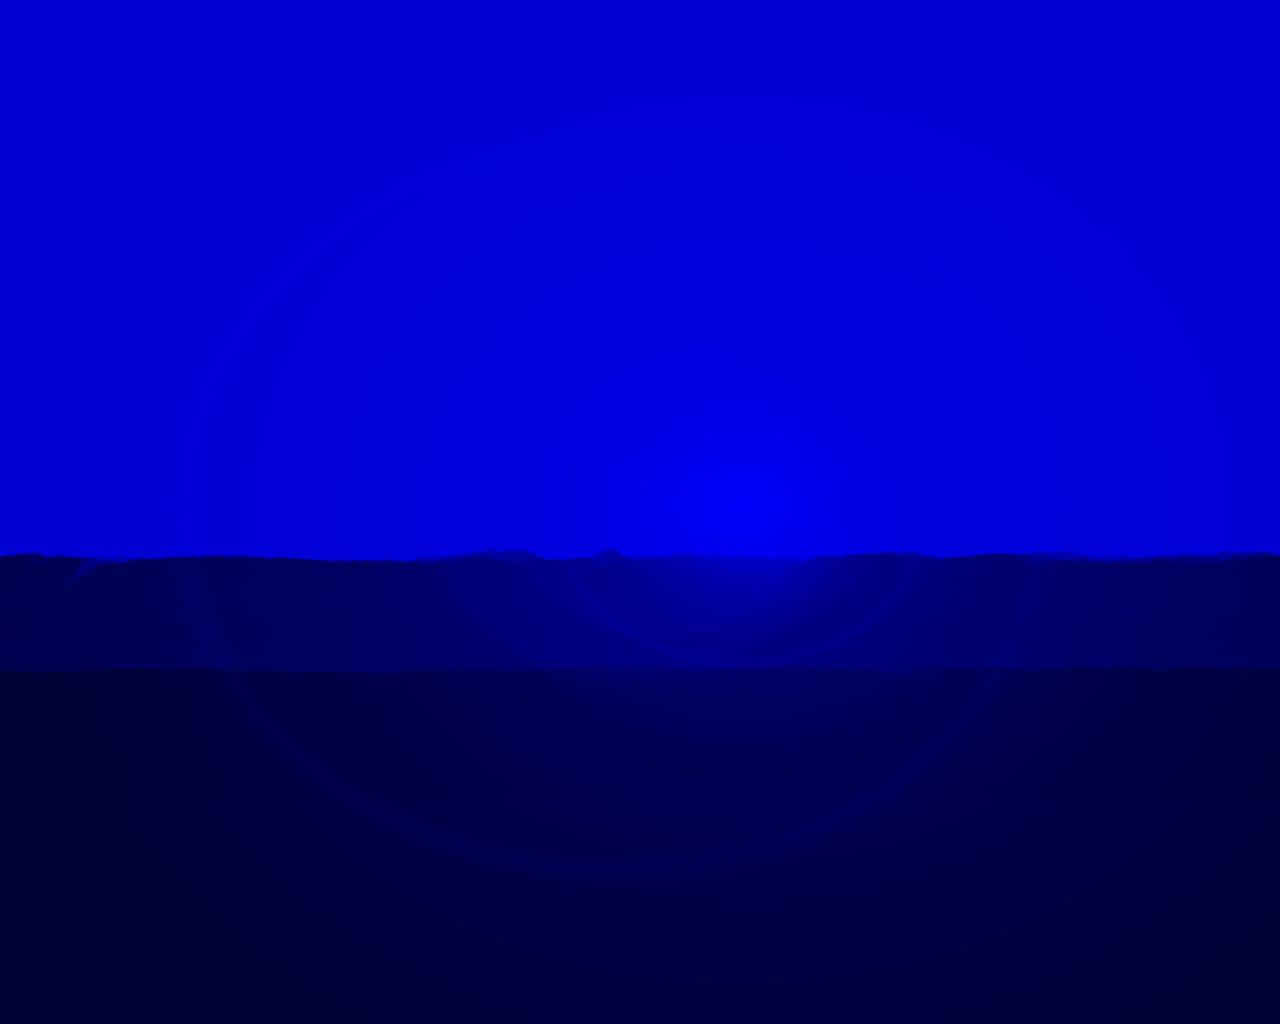 Azul Y Negro - Es El Colmo